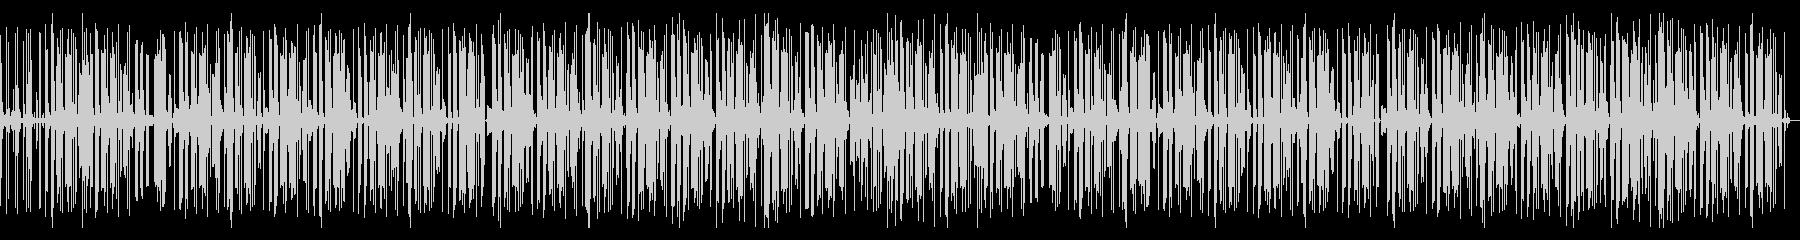 ポッドキャスト ローファイなヒップホップの未再生の波形